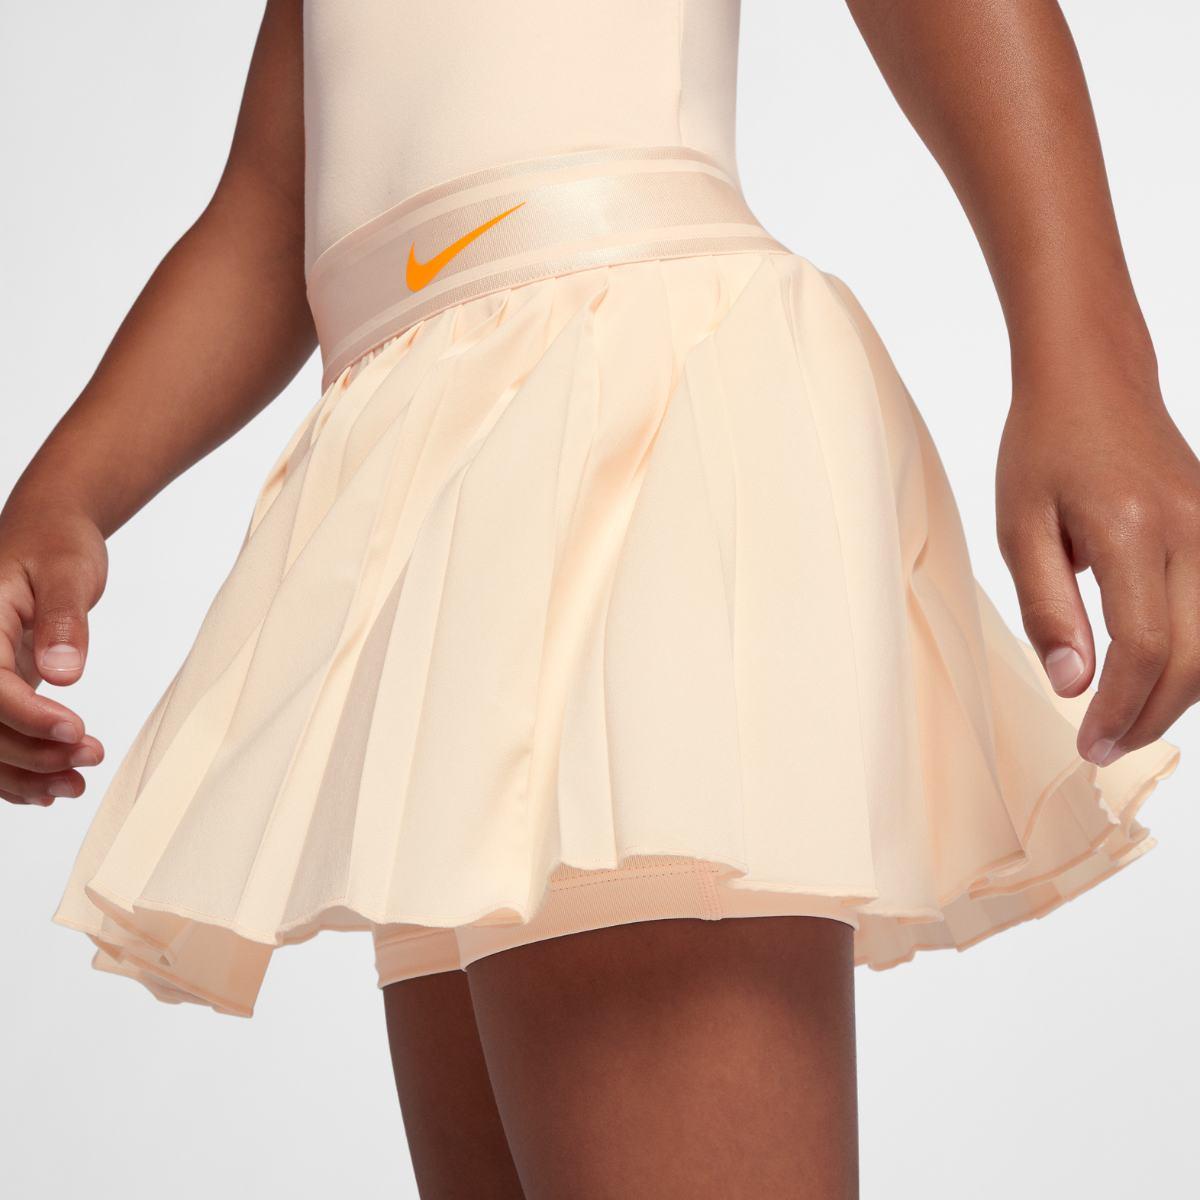 d10c58015 Теннисная одежда для девочек Nike, одежда для тенниса Nike, Купить, Цена